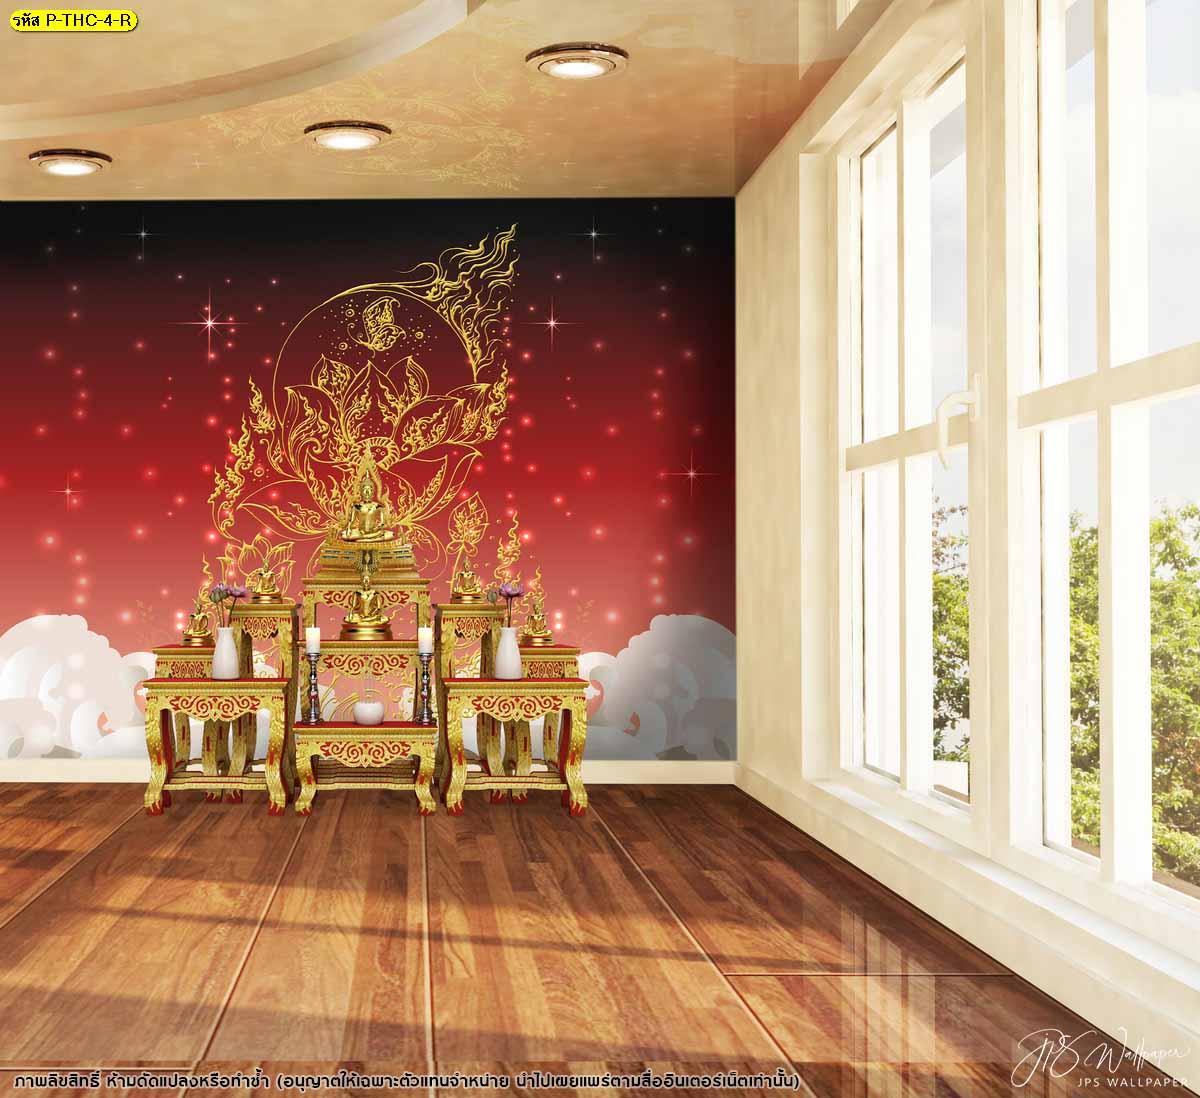 ไอเดียแต่งห้องพระดอกบัว สั่งทำภาพจิตรกรรมไทย รูปติดผนังห้องพระ